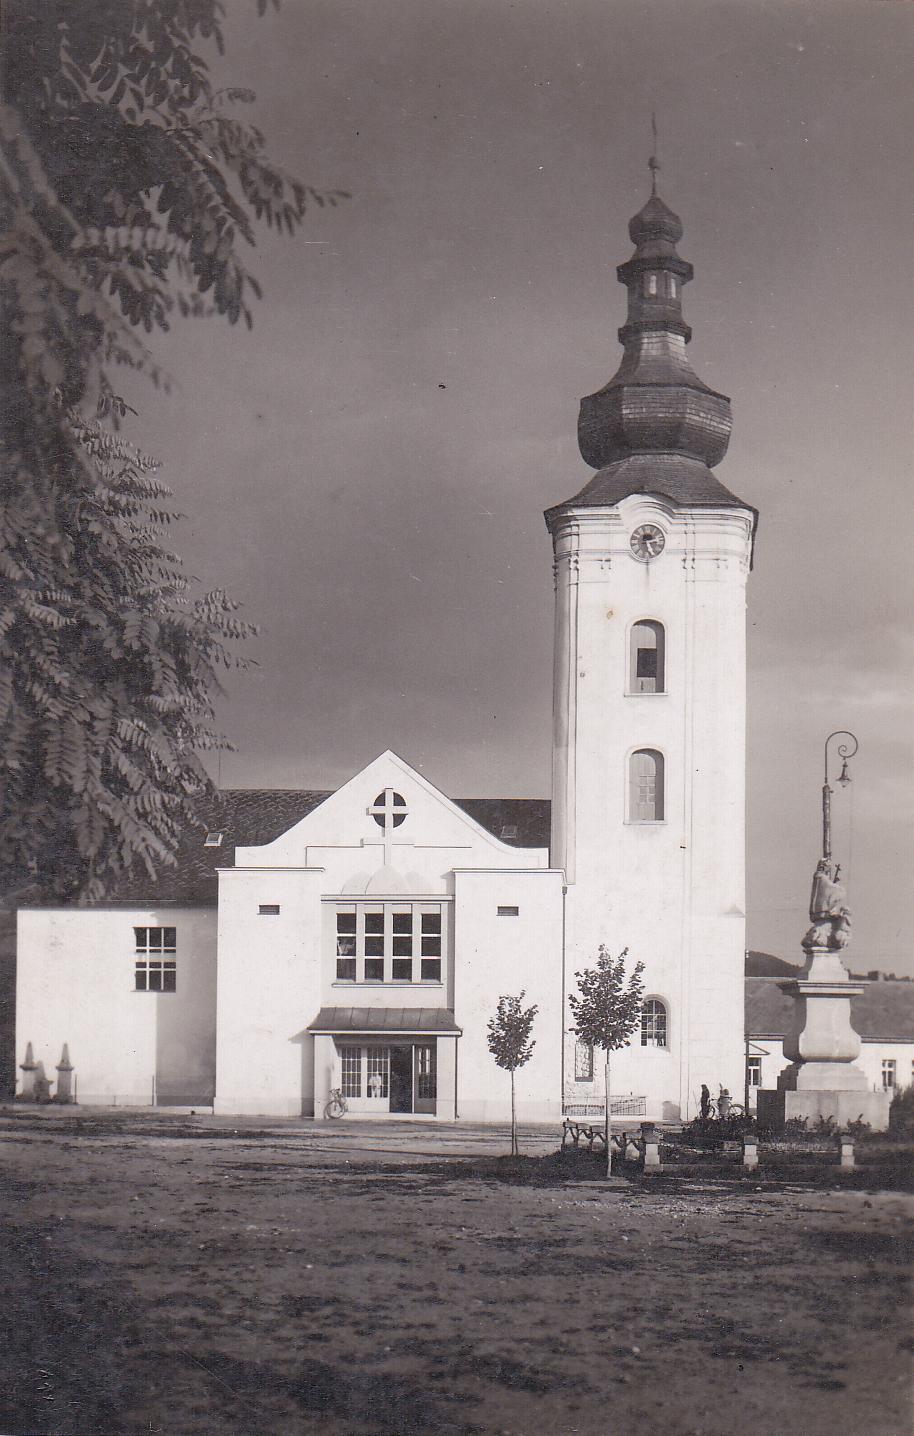 Námestie slobody v r. 1947 v Púchove: nedávno zasadené lipy a ohradenie okolo sochy sv. Jána Nepomuckého, dobové lampy,  čierne ciferníky na vežových hodinách